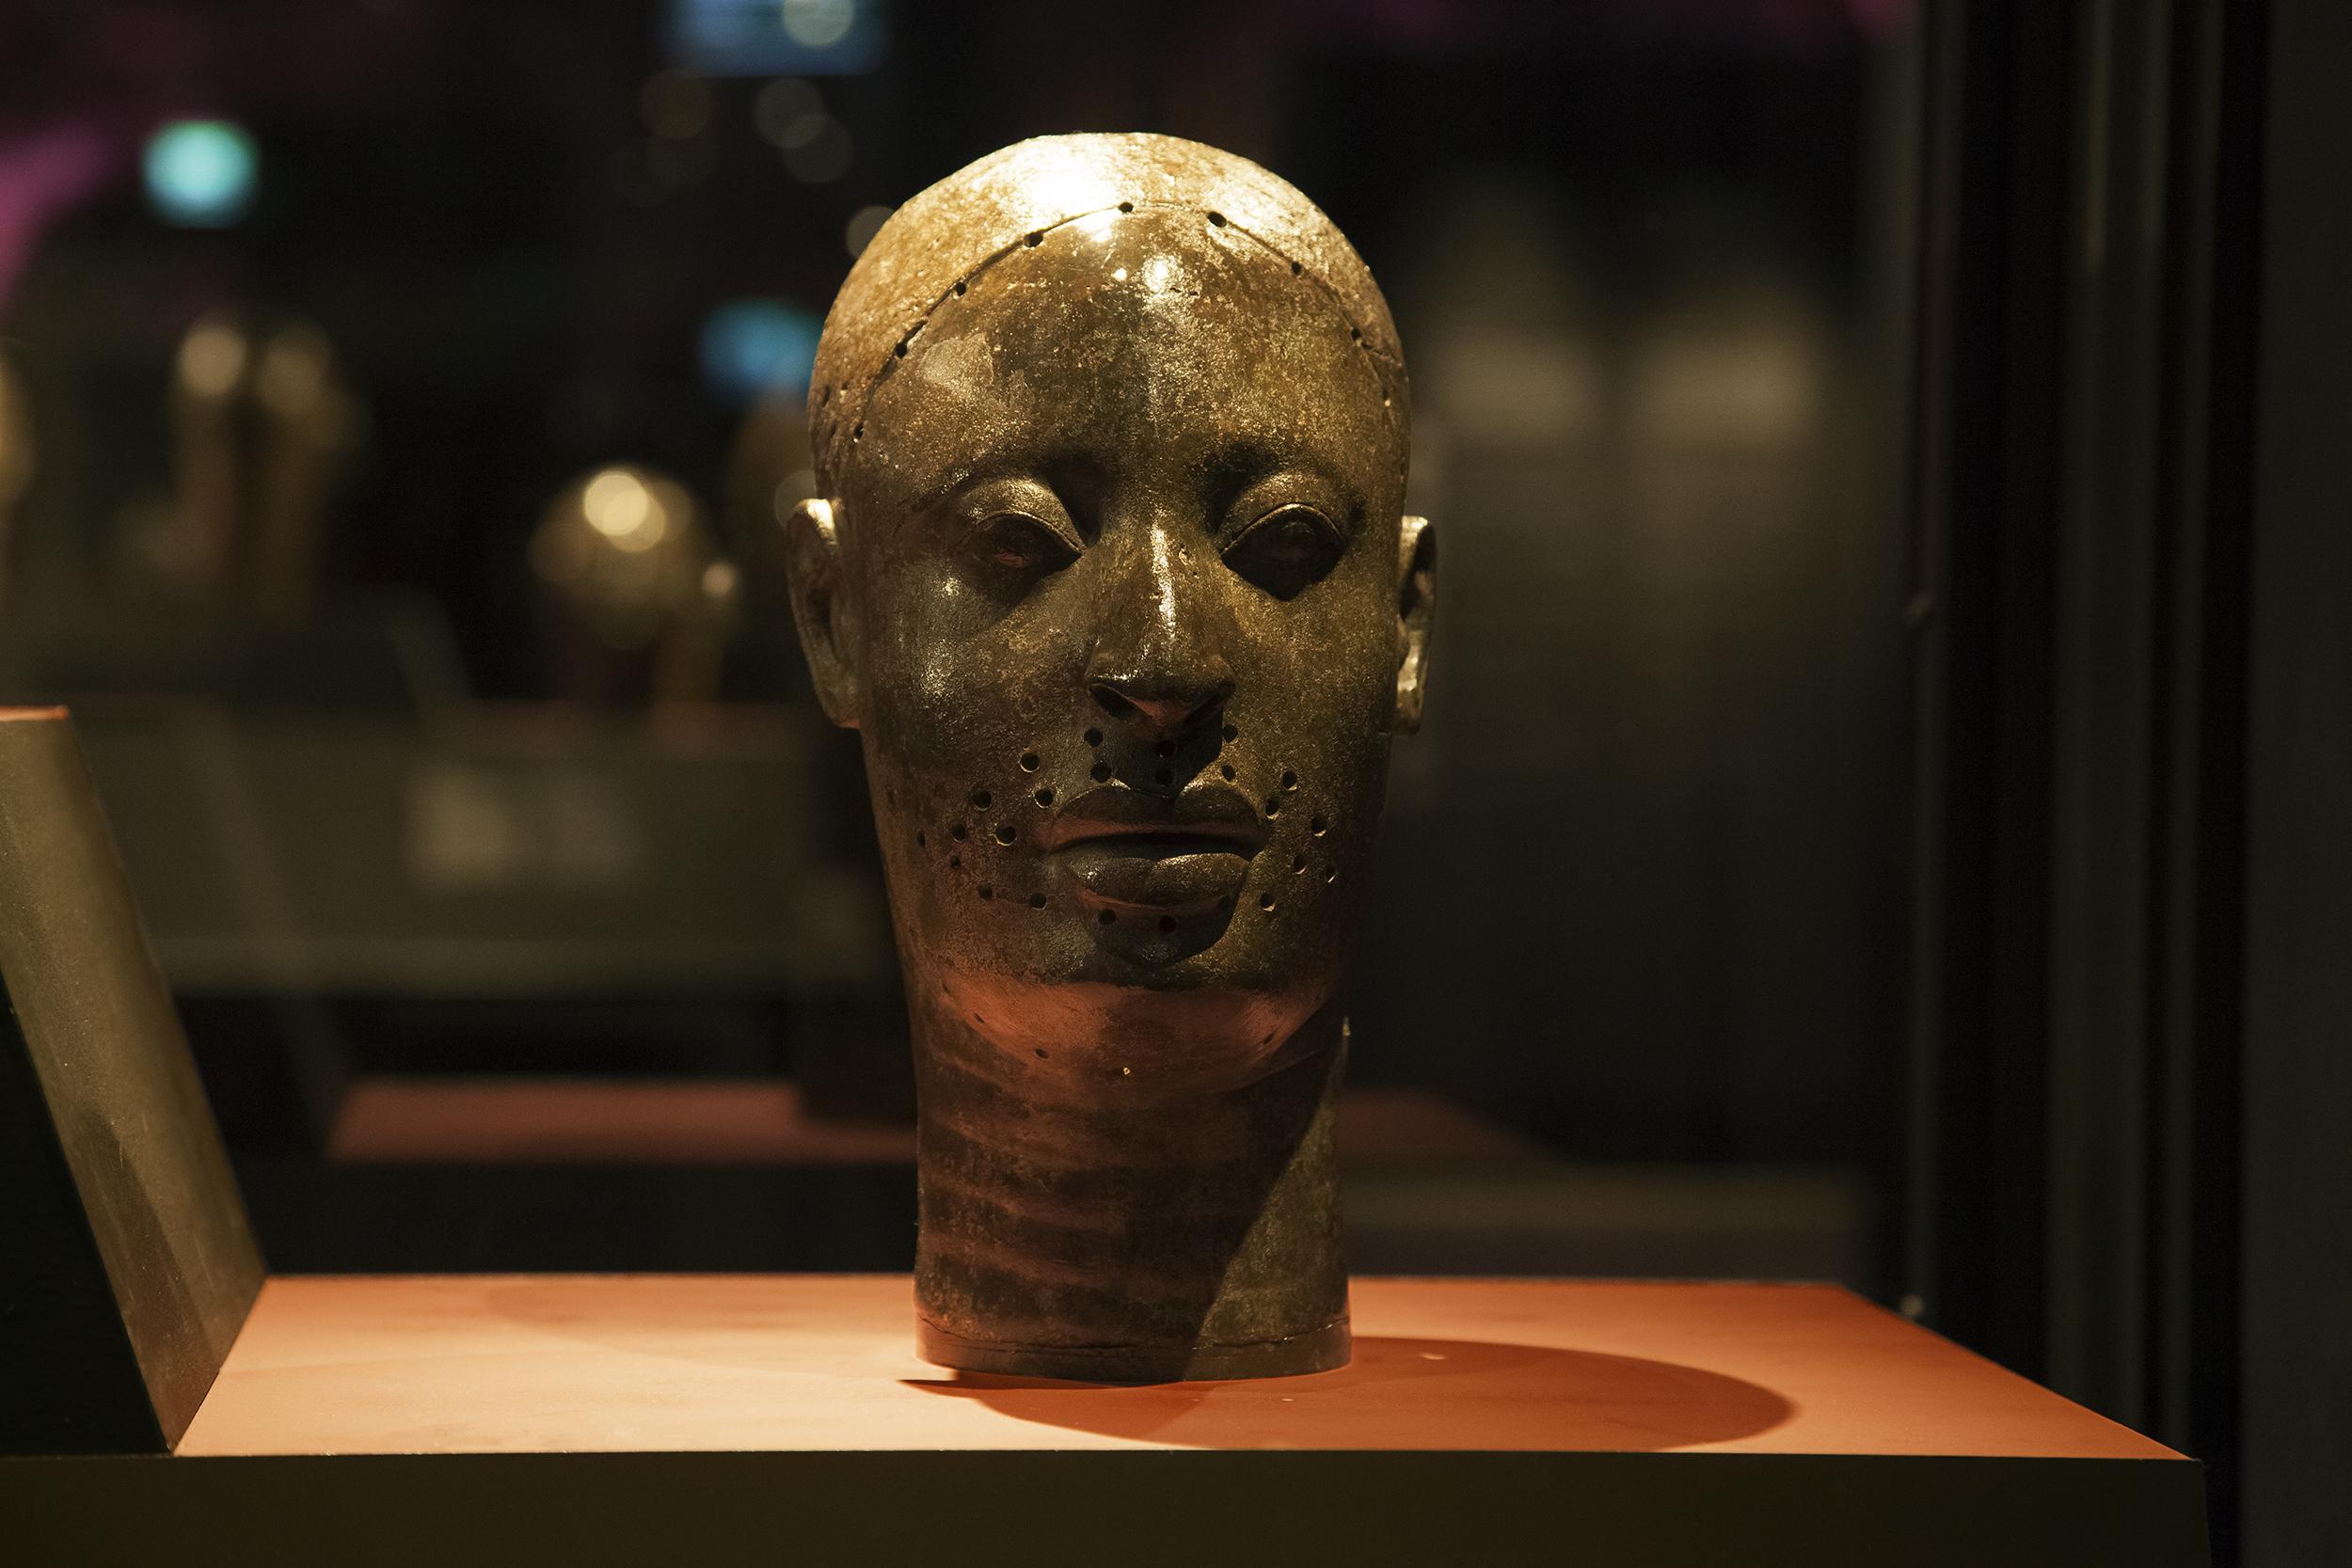 Benin Broze Head Stolen From Nigeria by British Soldiers